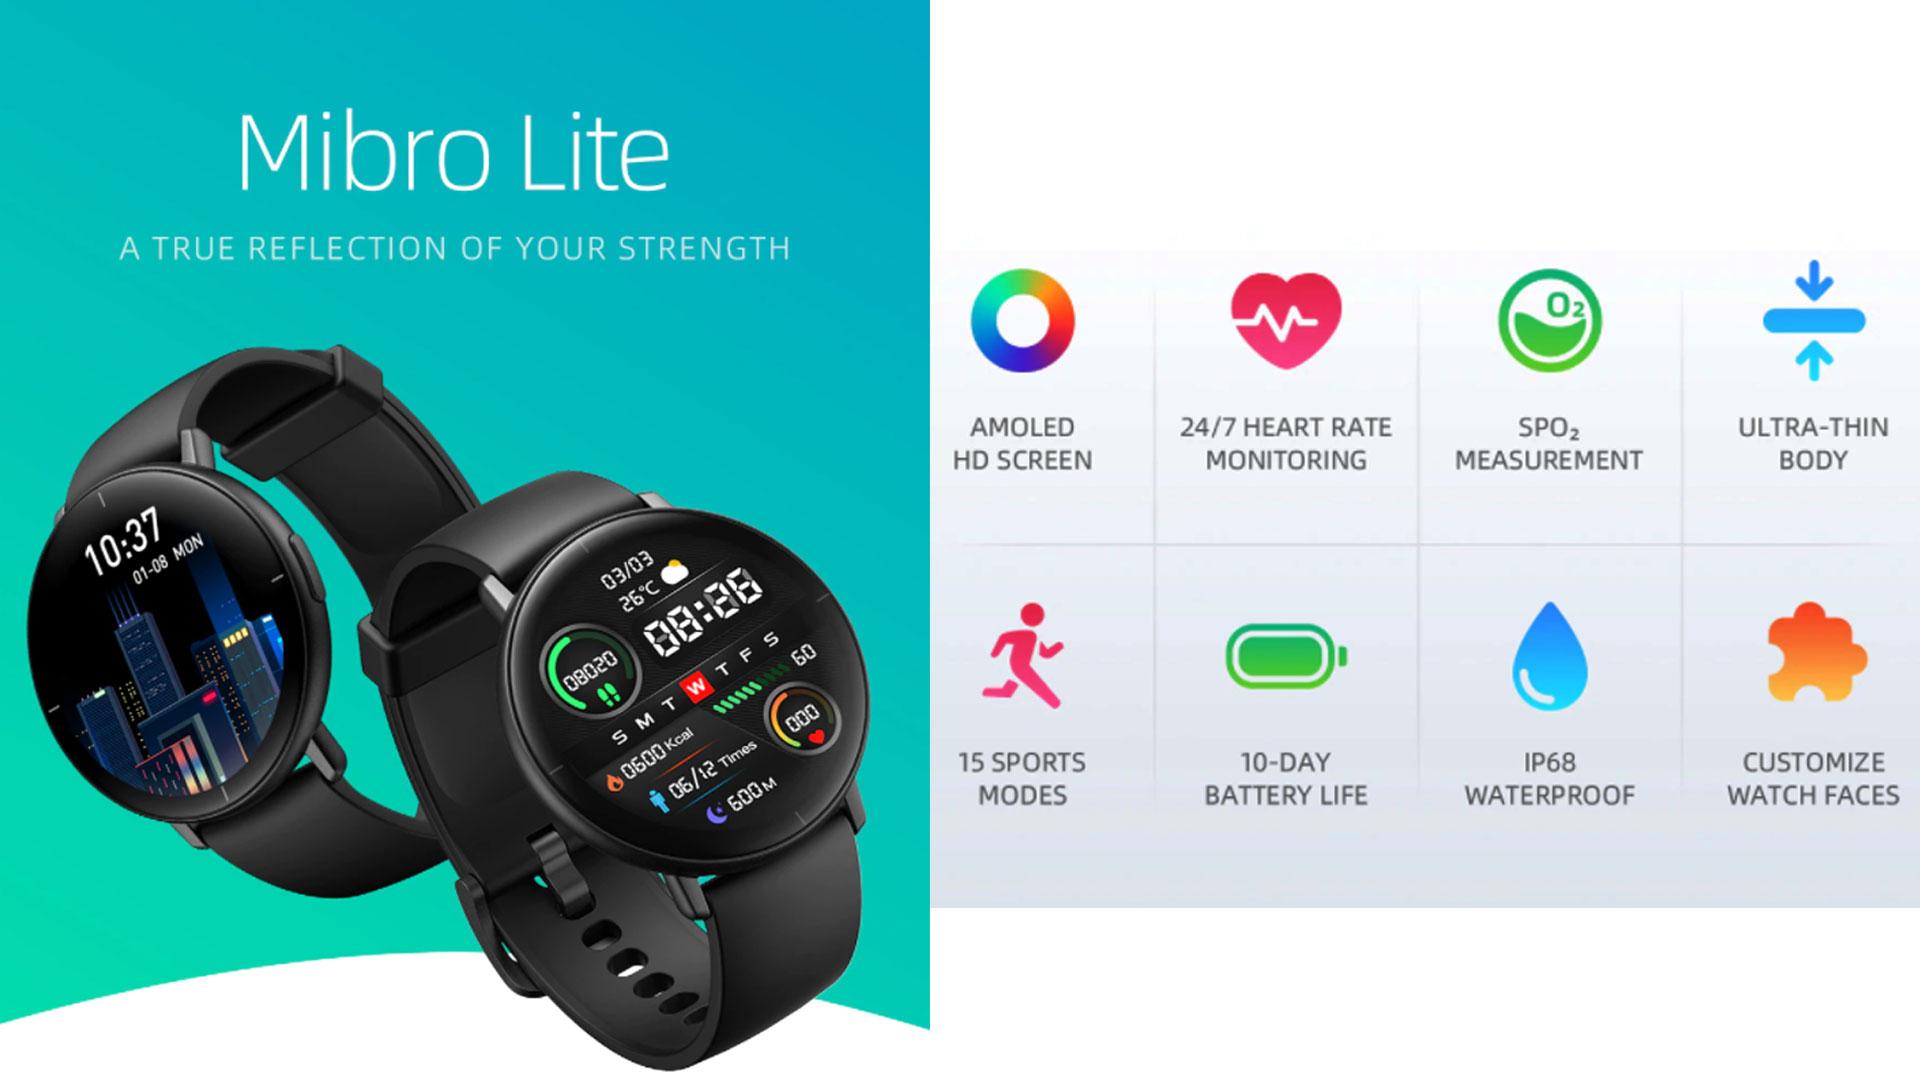 Mibro Lite Smartwatch Mibro Lite Xiaomi Mibro Lite Reloj mibro